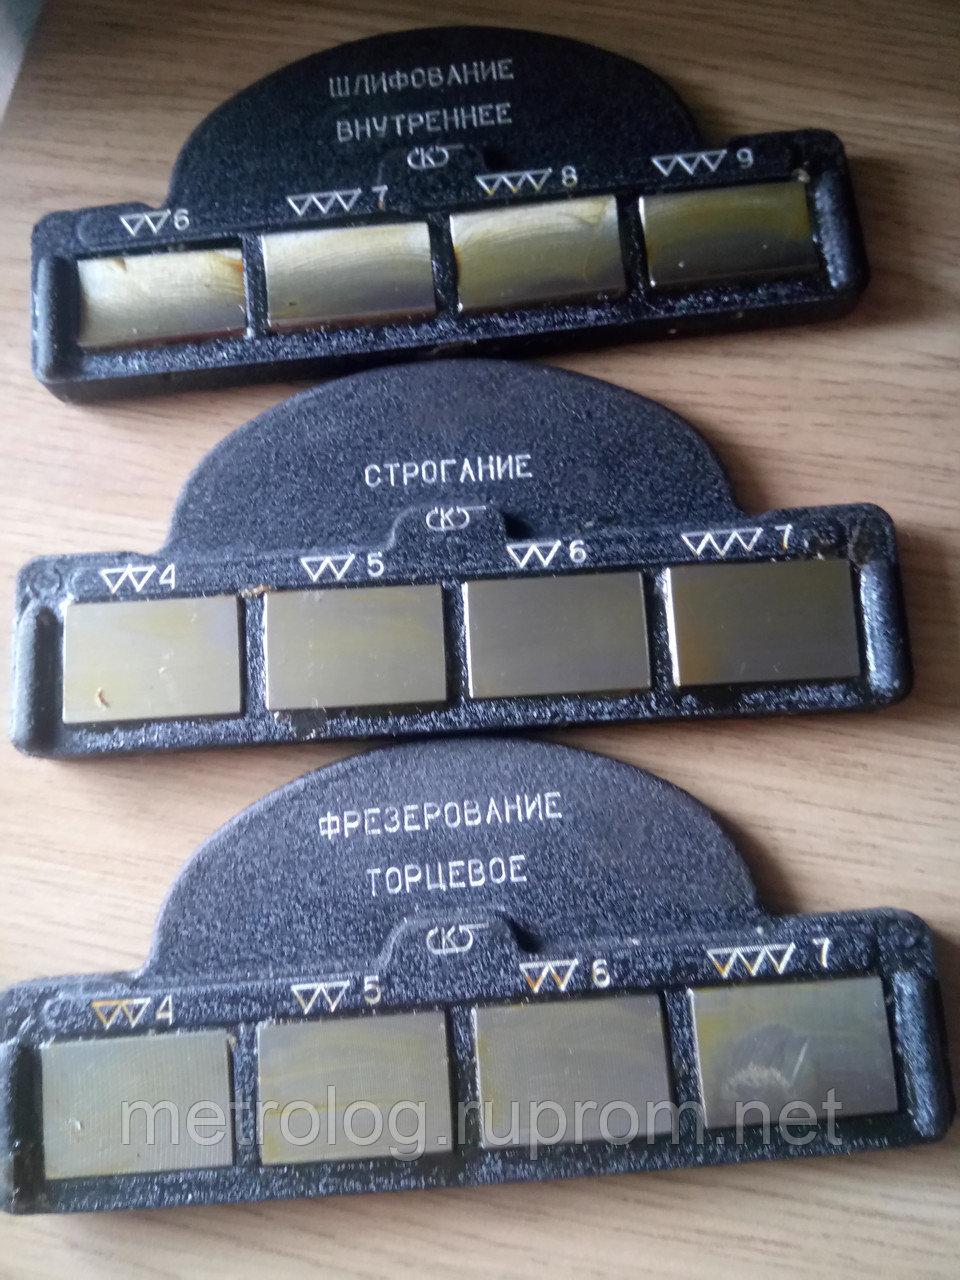 Приборы для измерения шероховатости. профилометры, профилографы и их модификации | штангель